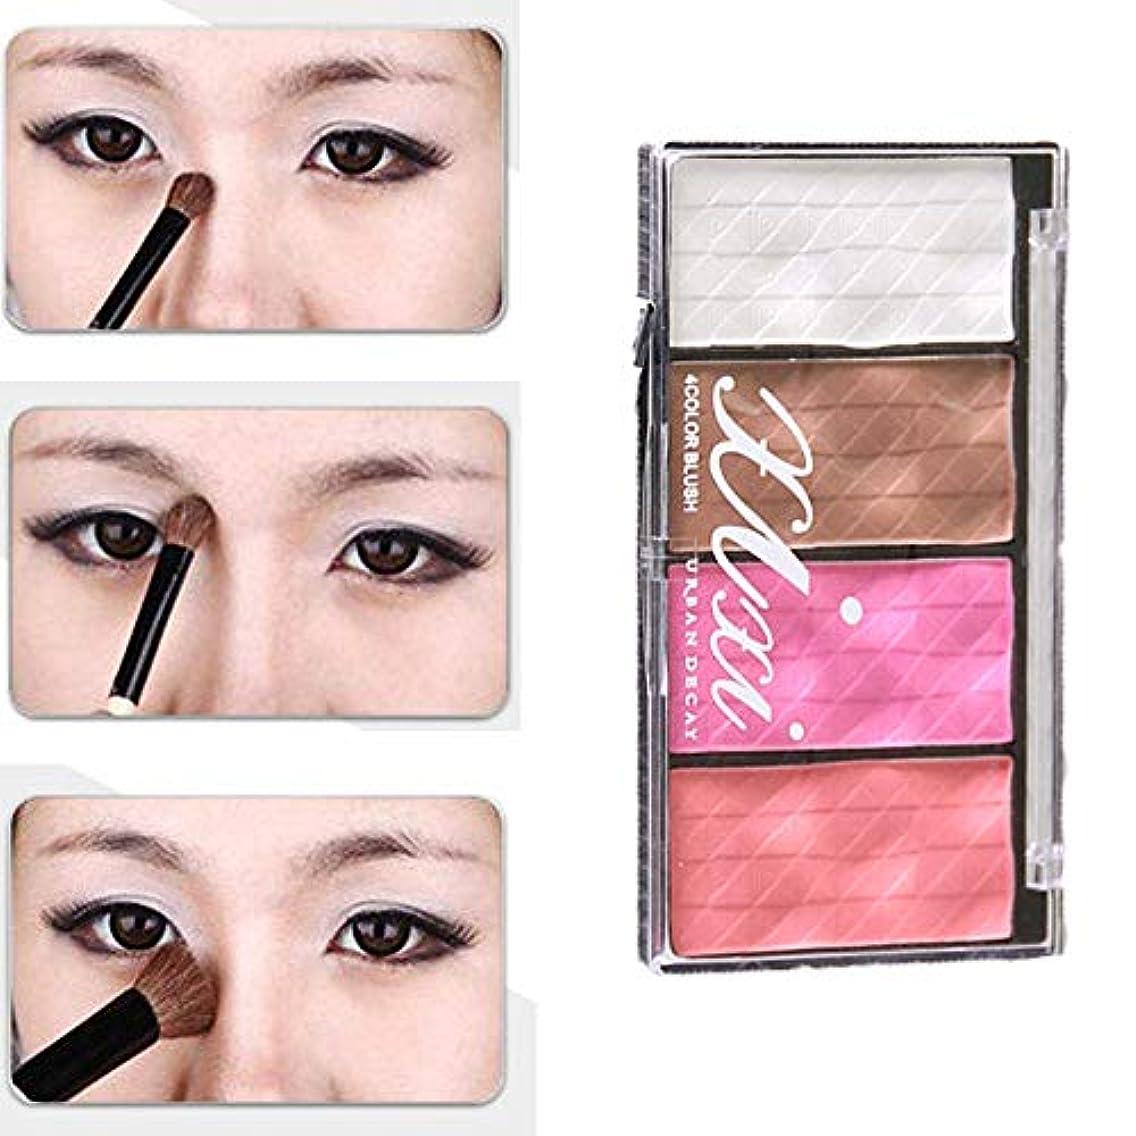 マイクメッセンジャー立場Akane アイシャドウパレット XIXI ファッション 魅力的 人気 美しい 綺麗 チャーム つや消し マット ブラシ付き 長持ち おしゃれ 持ち便利 日常 仕事 Eye Shadow (4色) X544